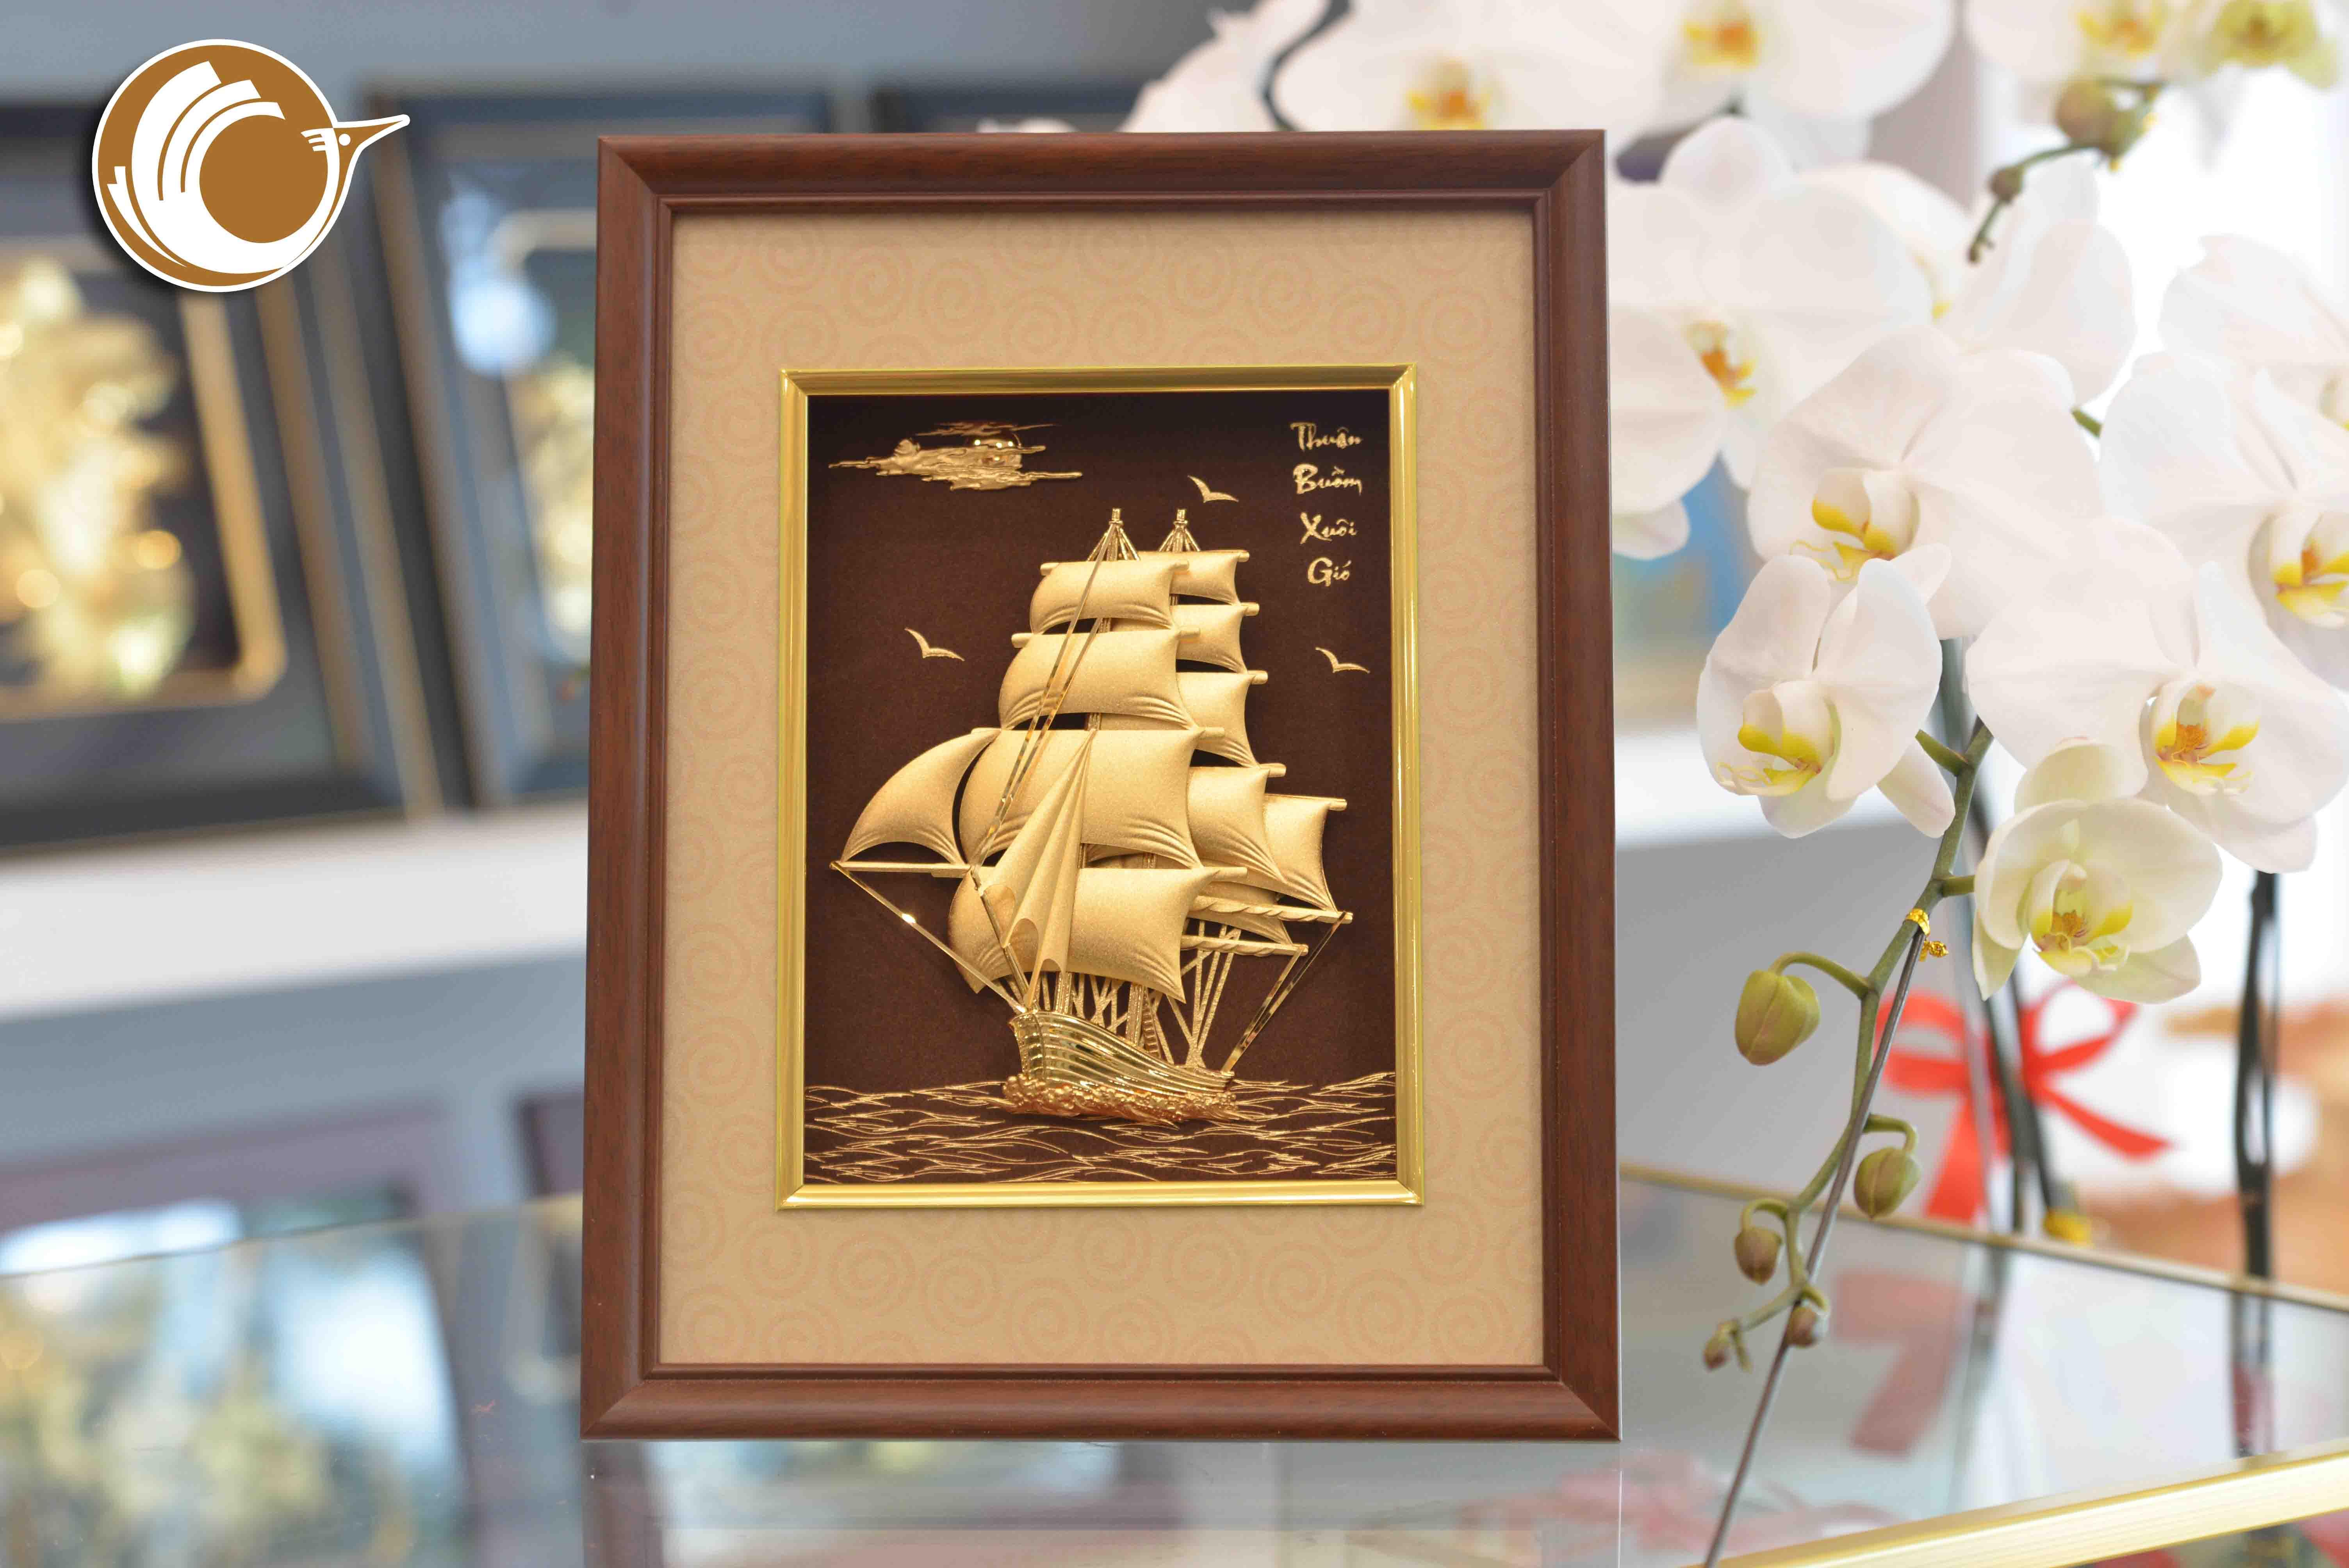 Quà tặng tranh vàng thuyền buồm xuôi gió0